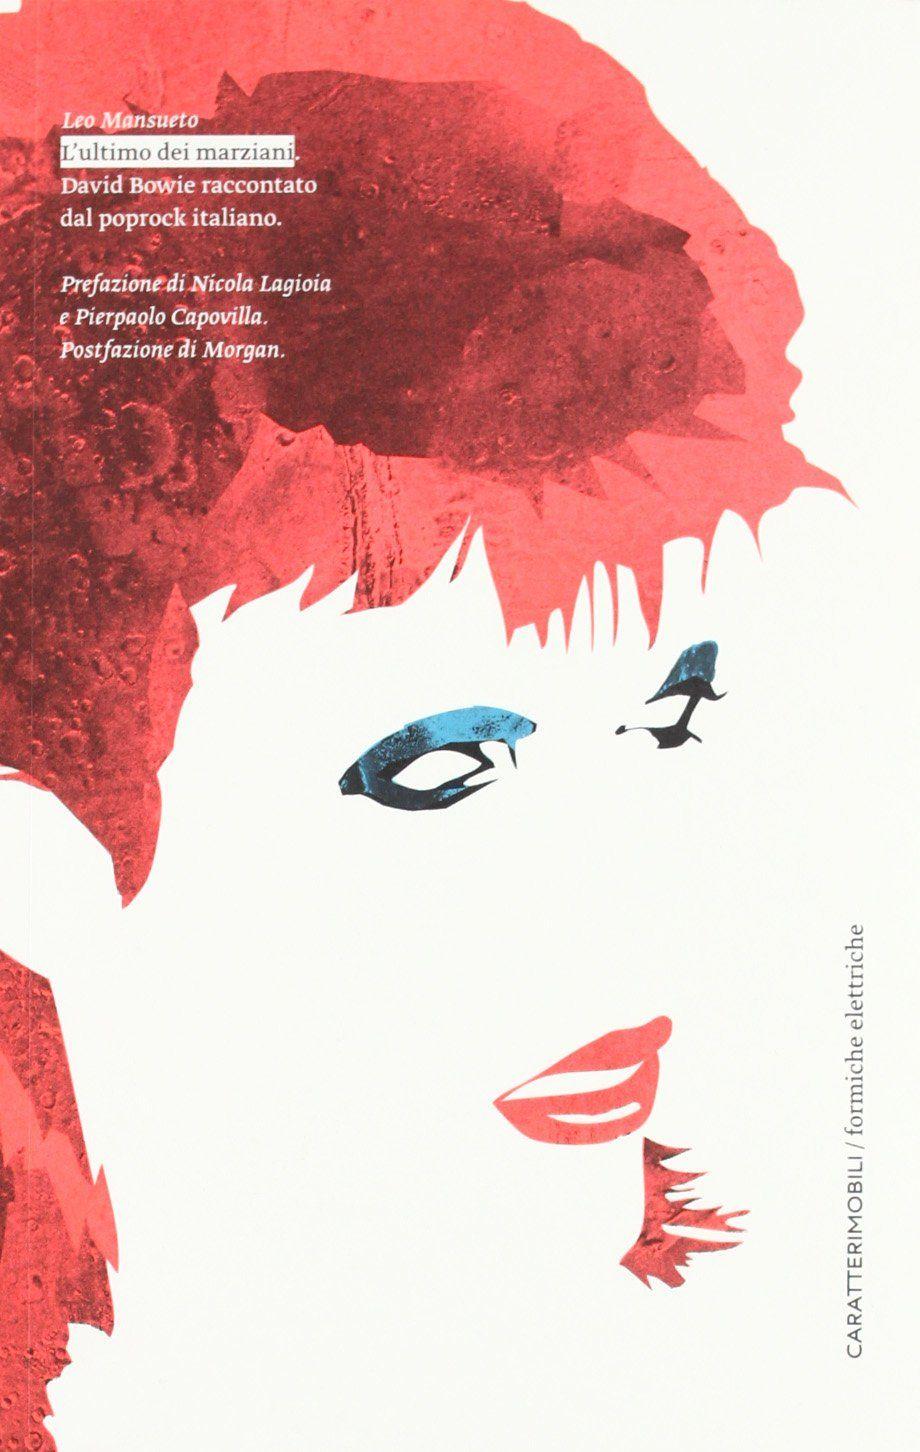 David Bowie, l'ultimo dei marziani, cover libro